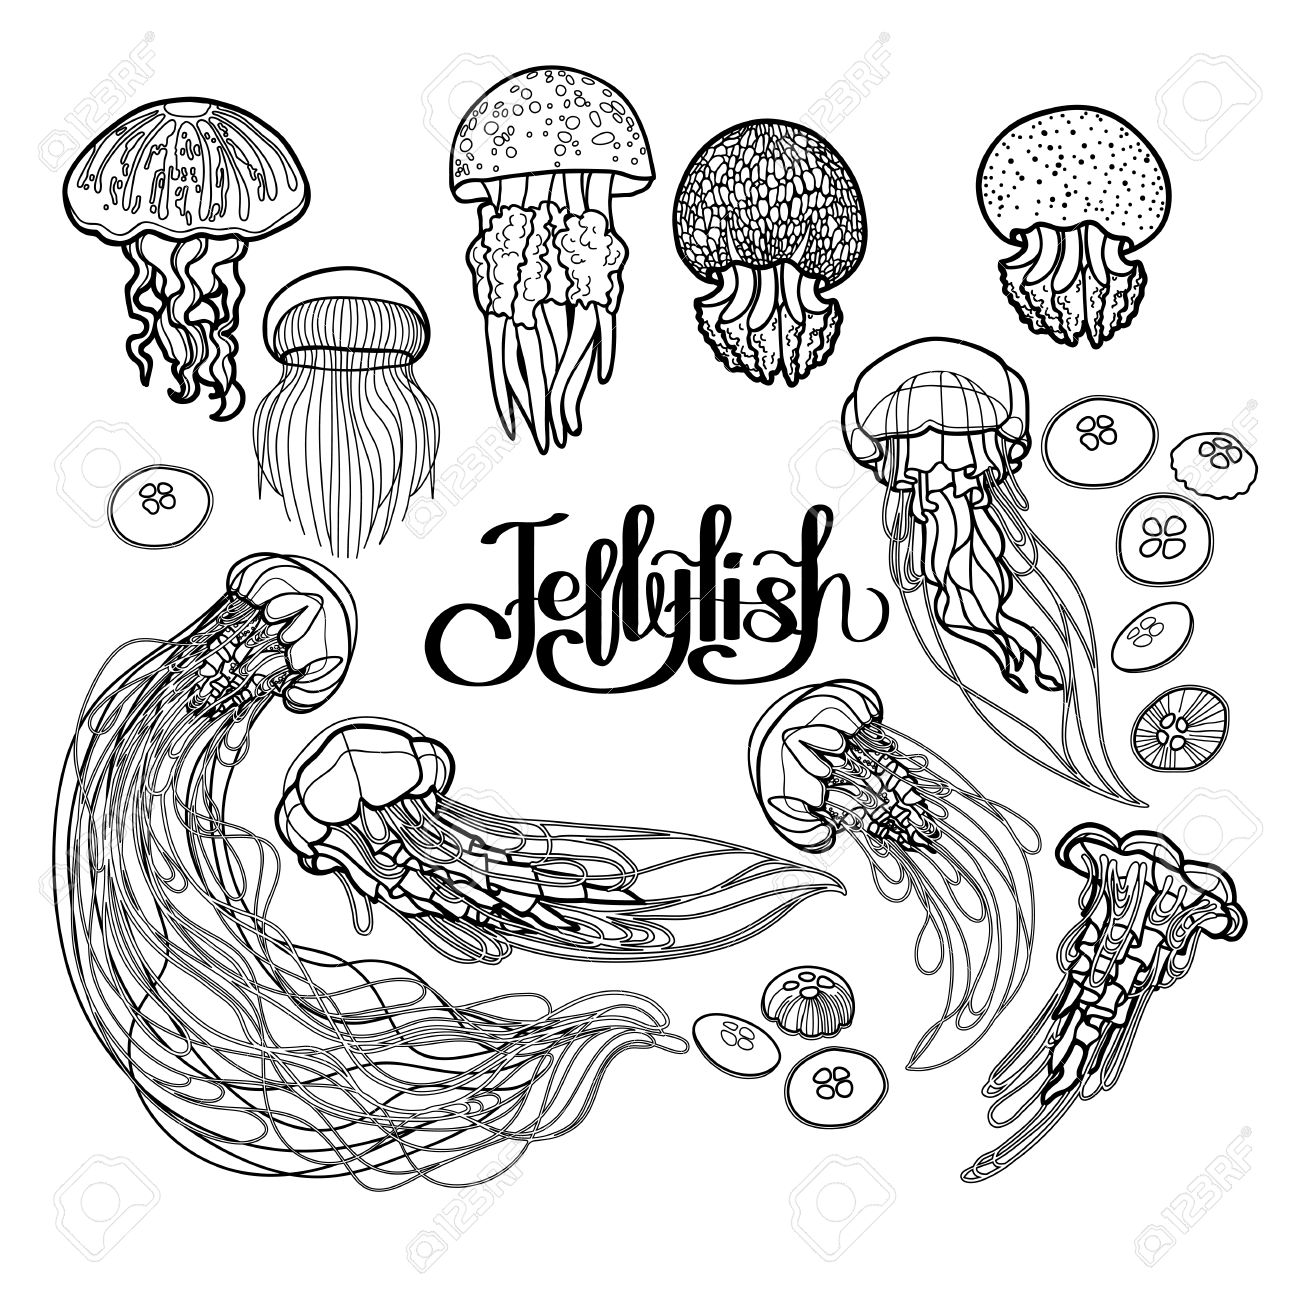 Medusas Dibujado En Línea Estilo Del Arte. Vector De Los Animales ...